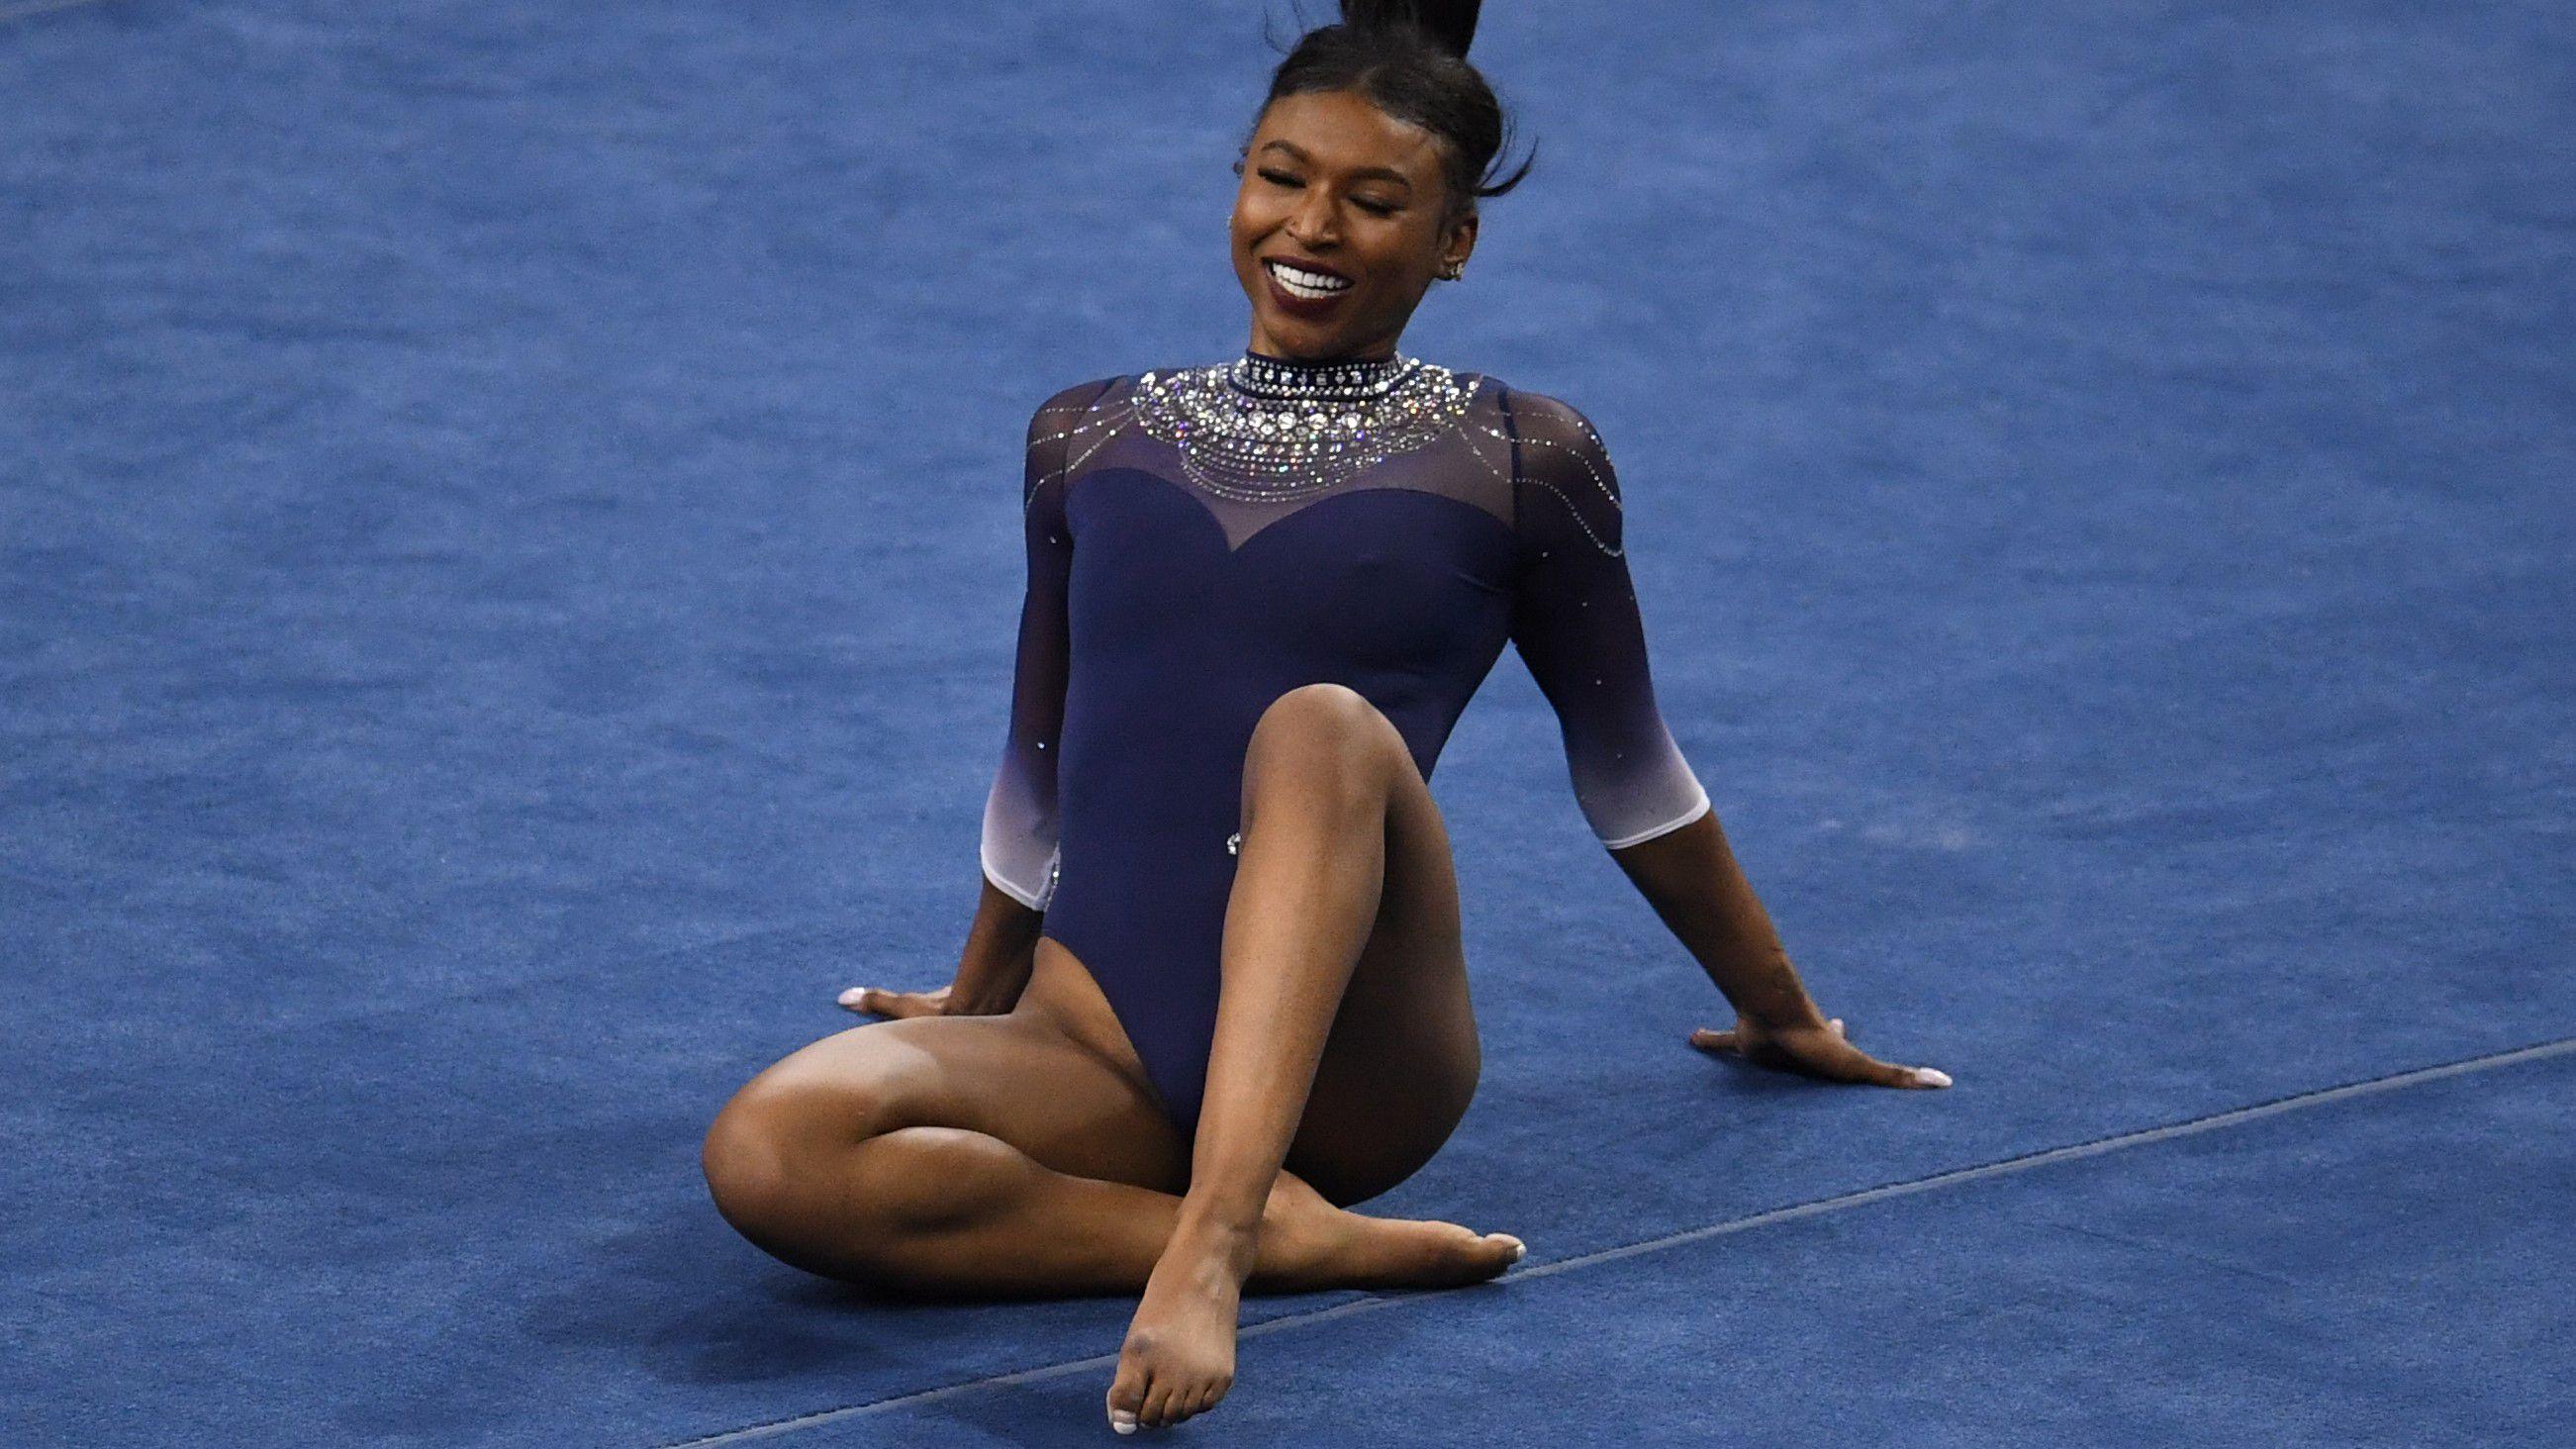 America loses it over college gymnastics phenomenon Nia Dennis' latest routine